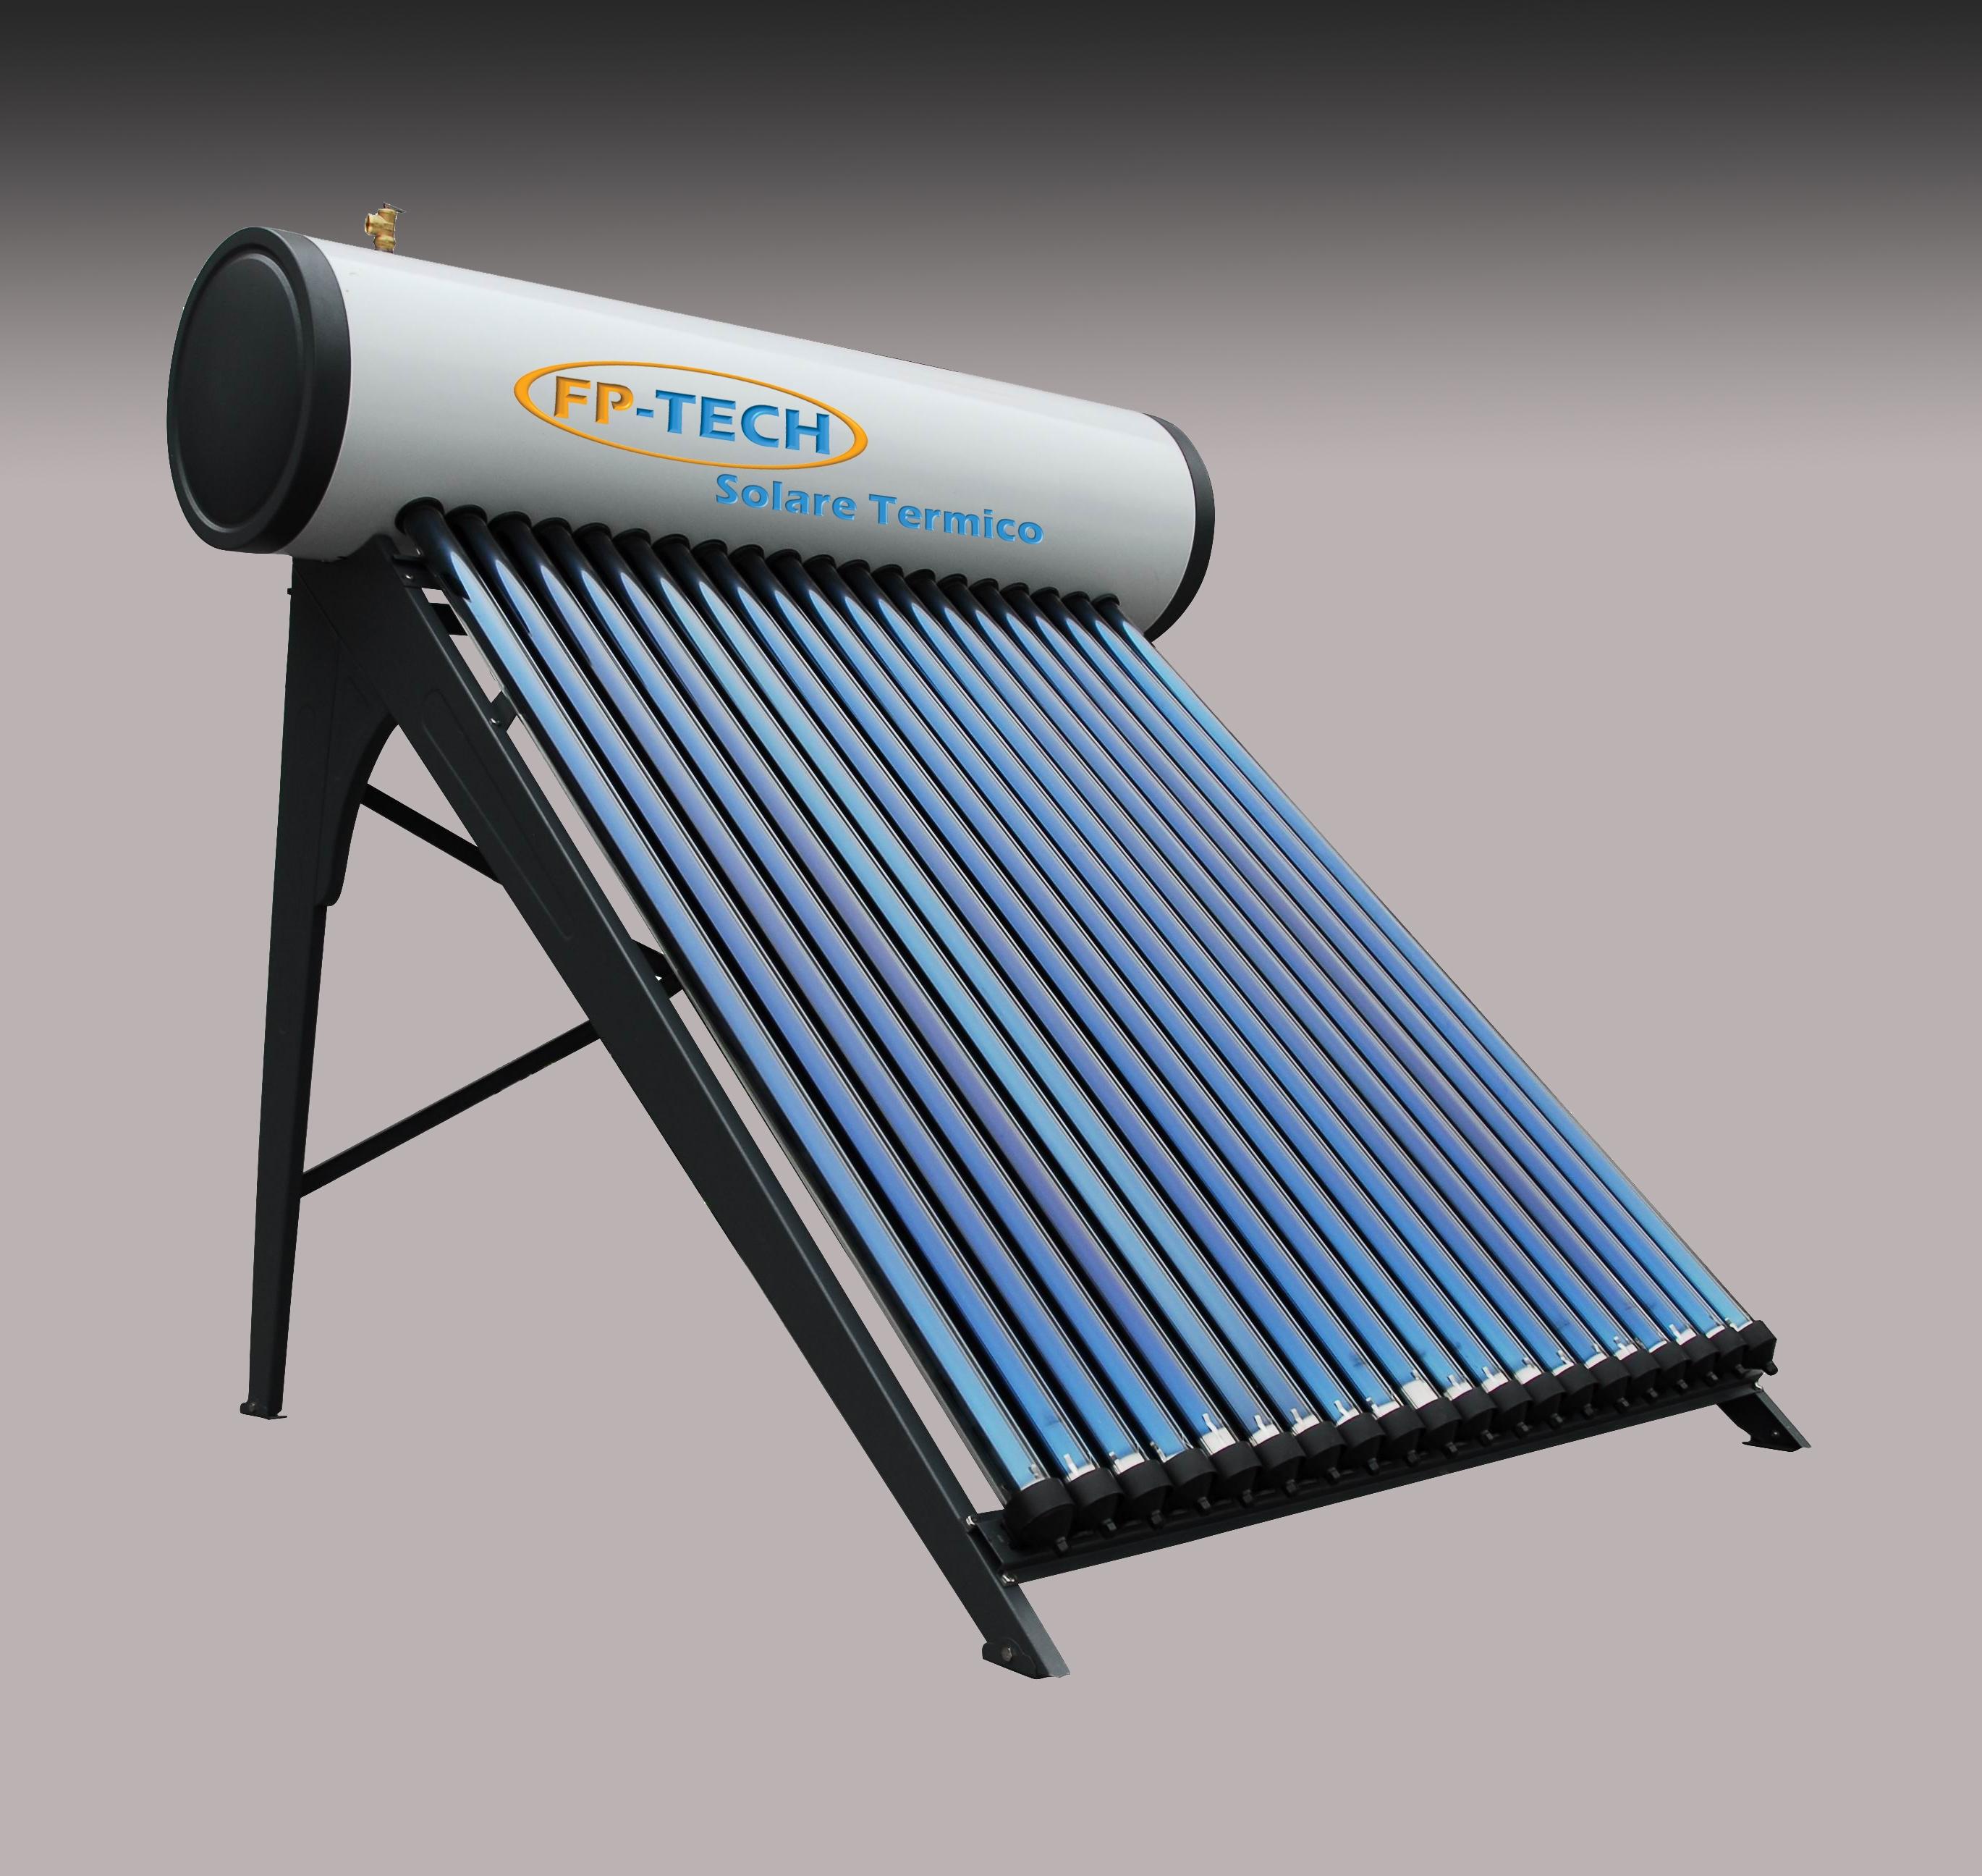 Pannello Solare Termico Daikin : Pannello solare termico heat pipe pressurizzato lt